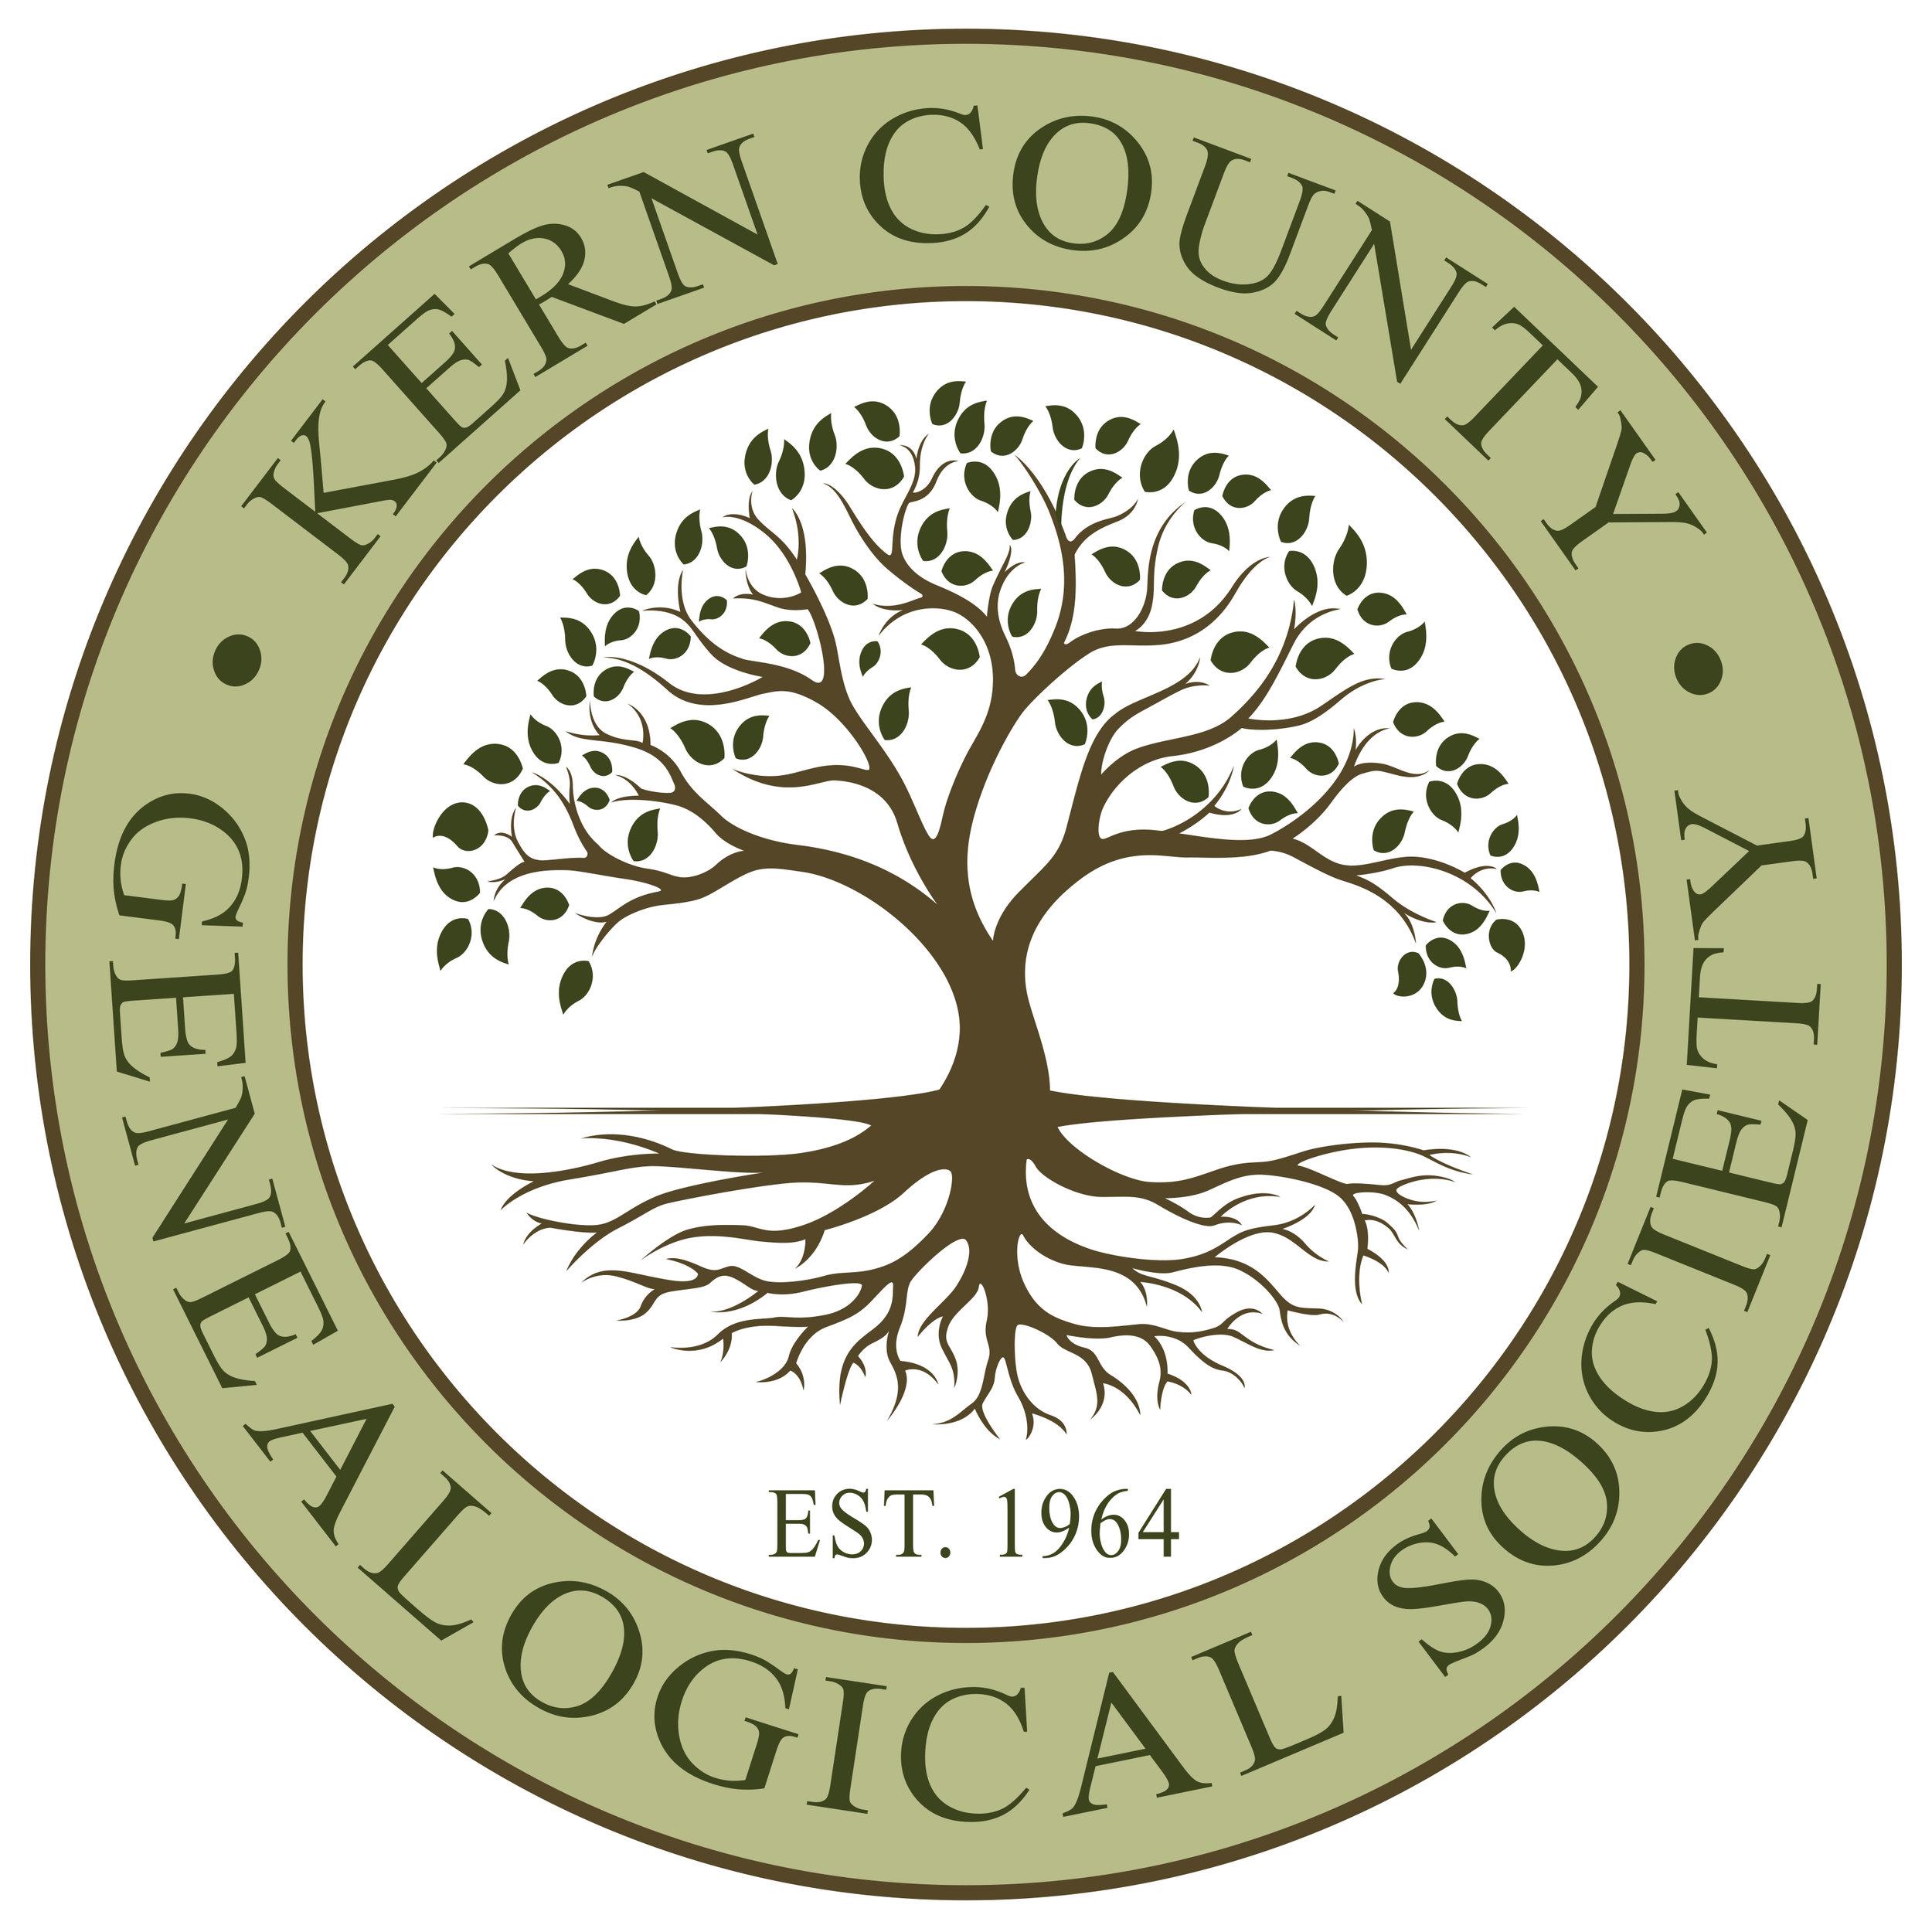 KCGS Logo 2-19.jpg